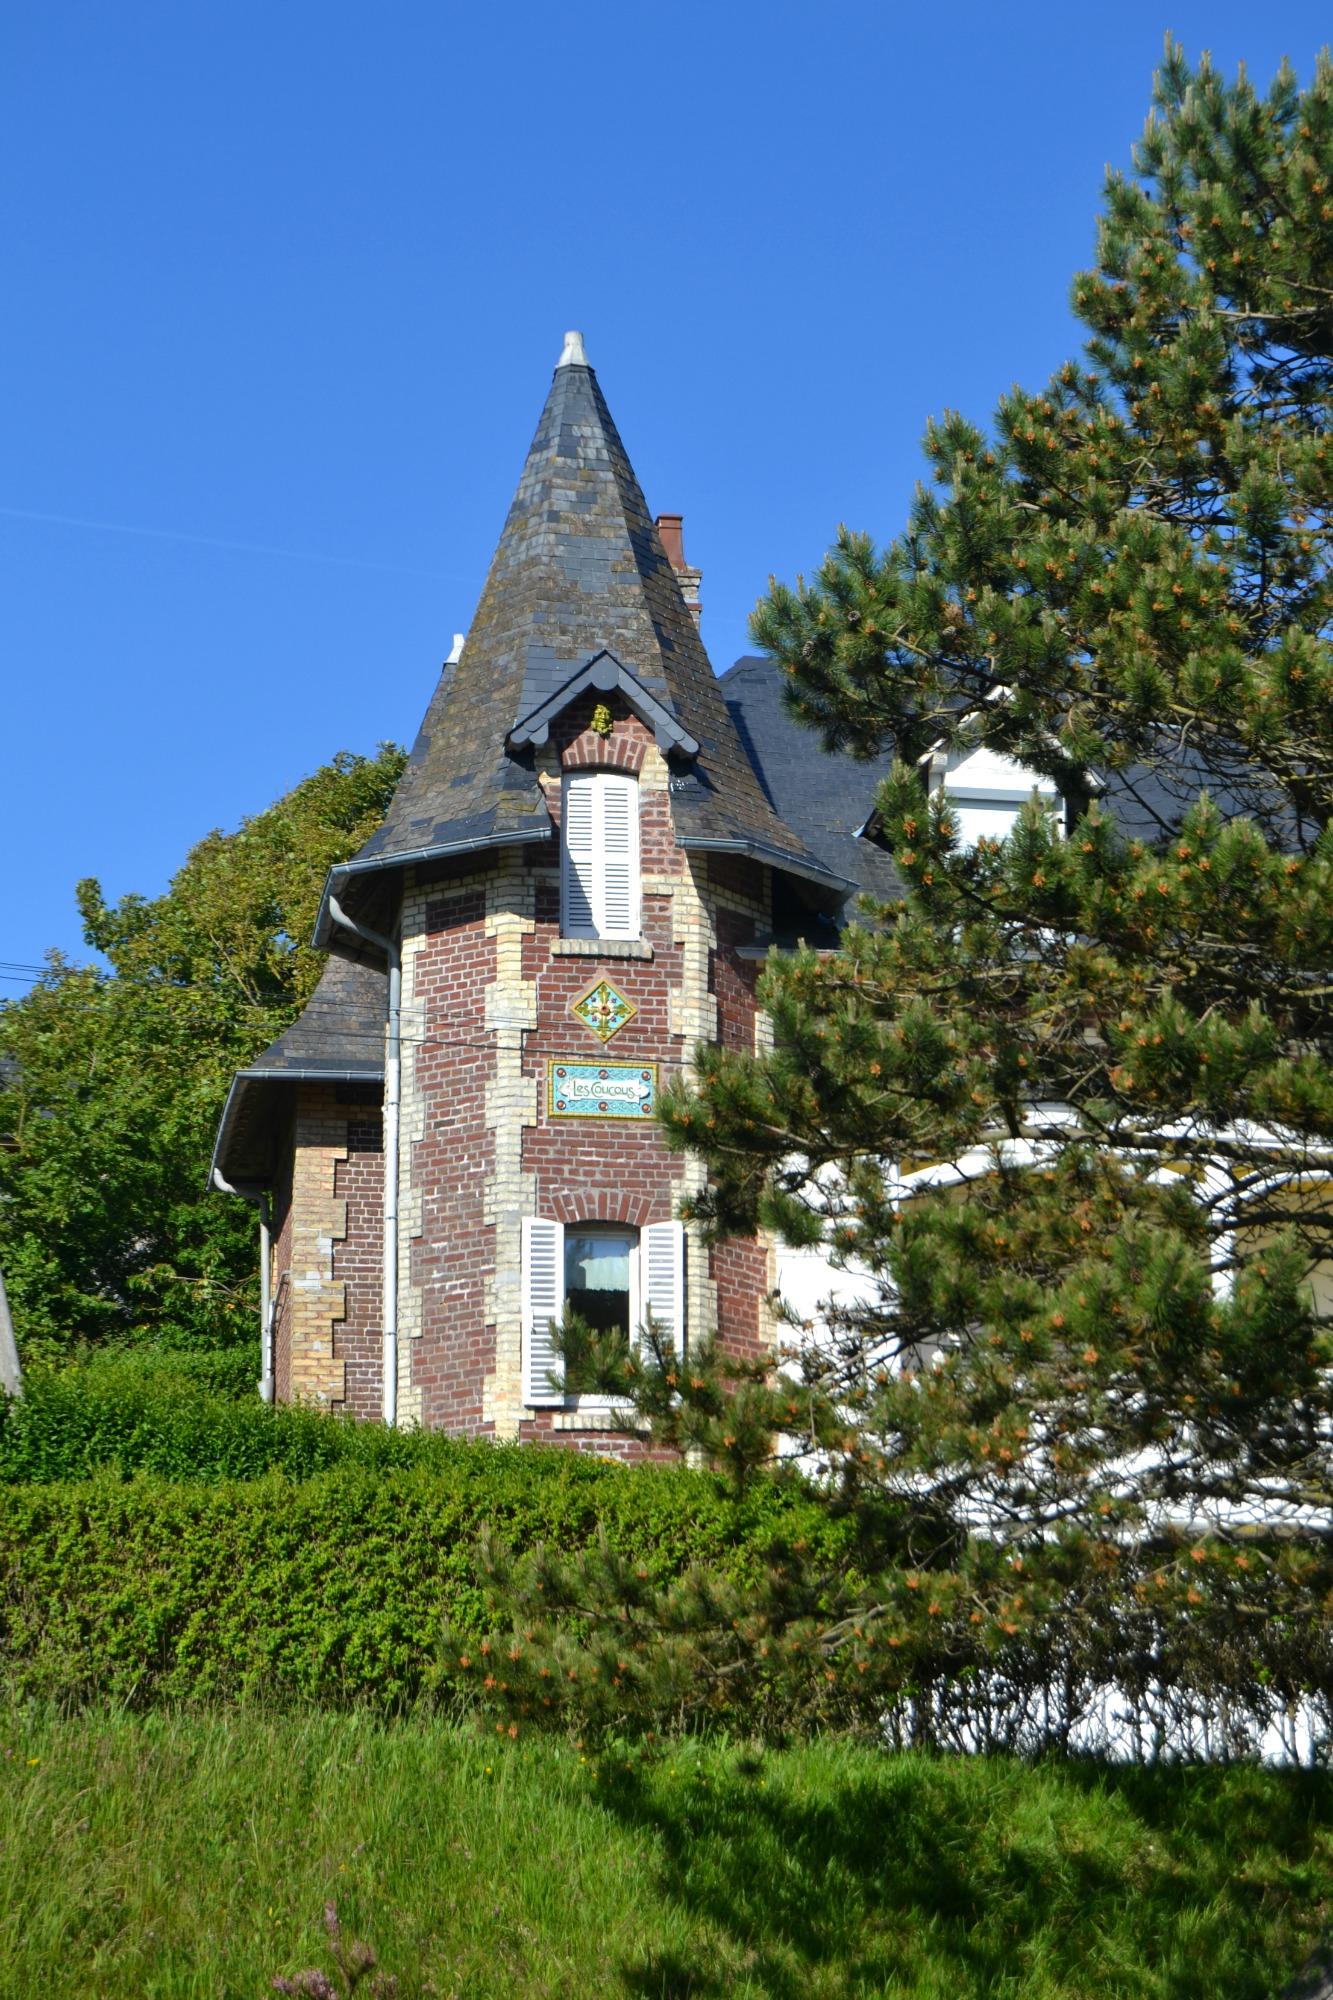 Hotel Bois De Cise u2013 Myqto com # Bois De Cise Hotel